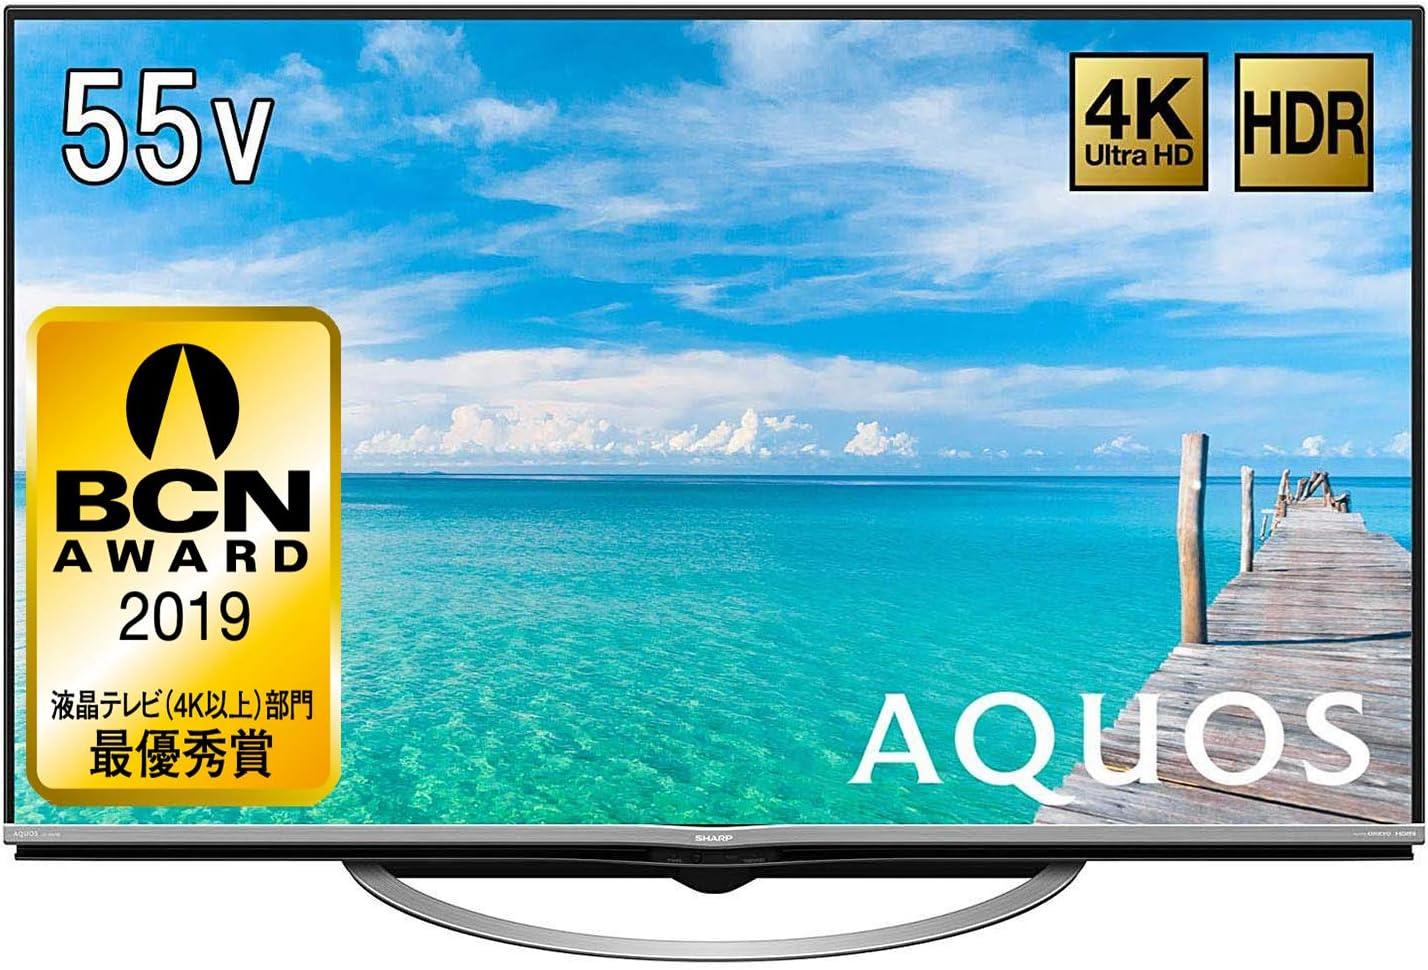 4k テレビ 液晶 4t 50v アクオス c50bh1 型 シャープ